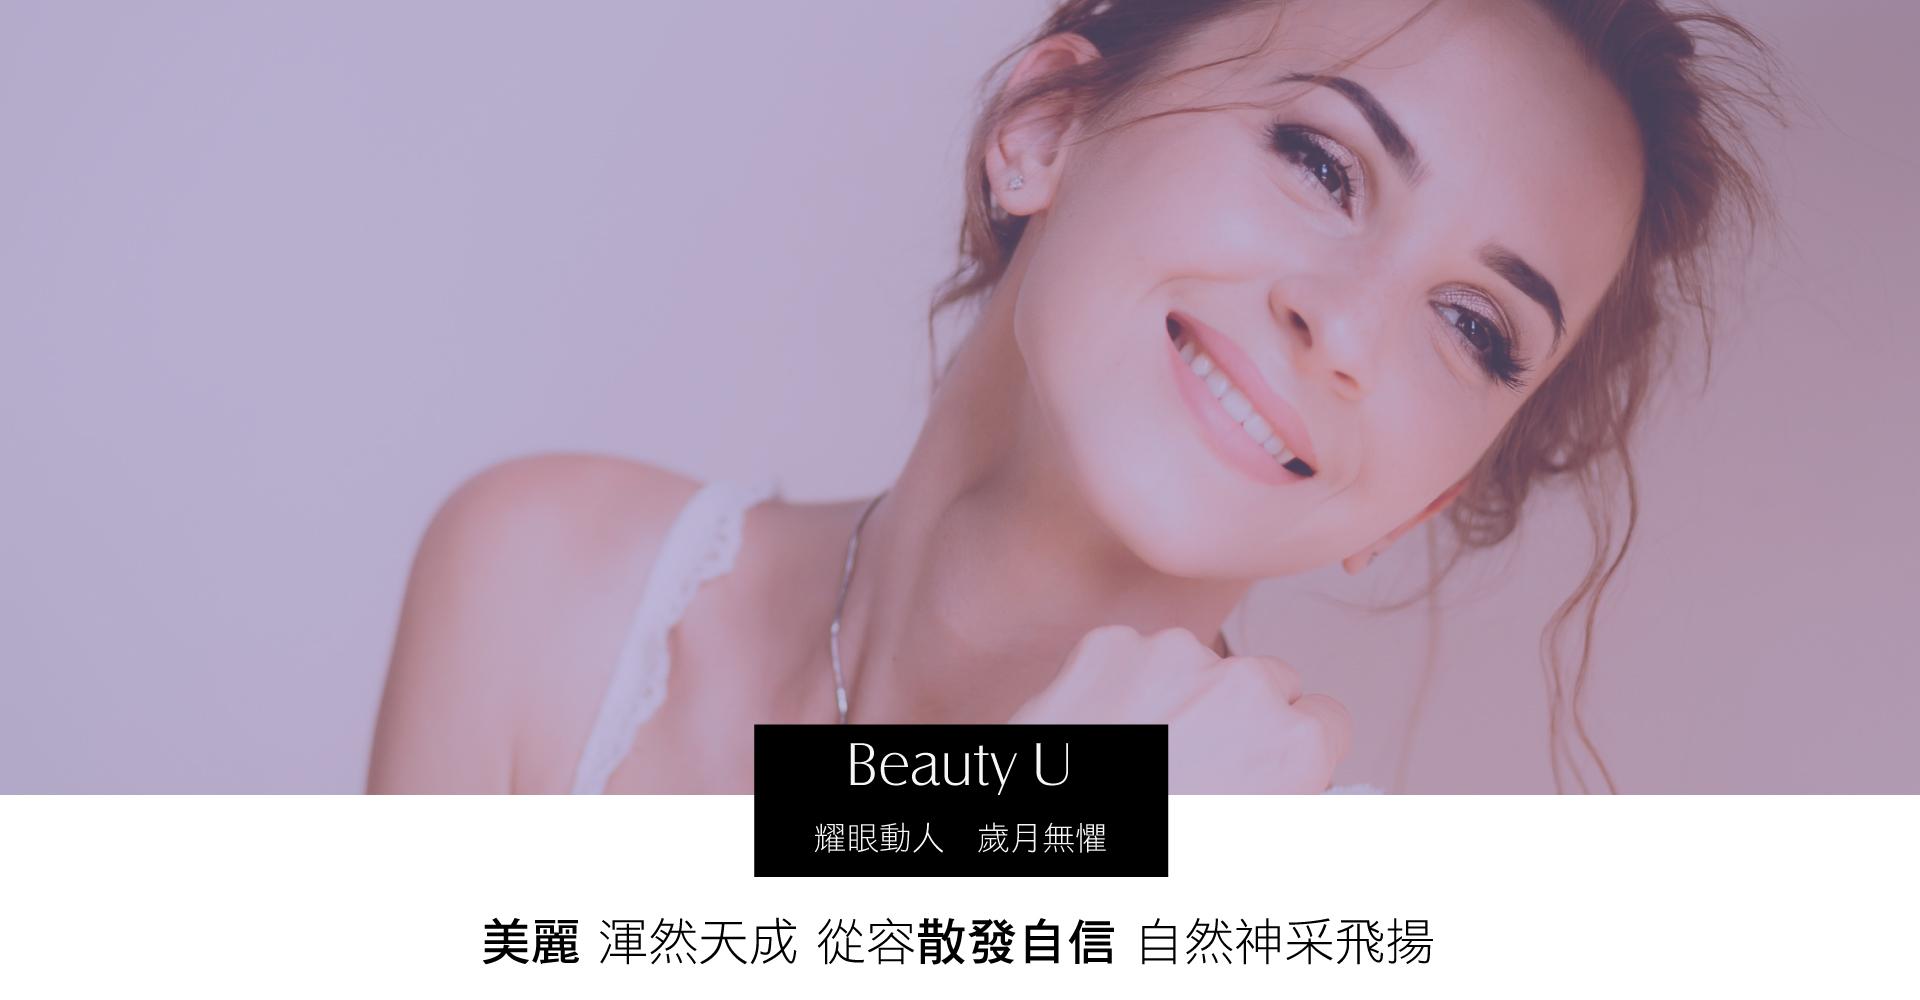 beauty u